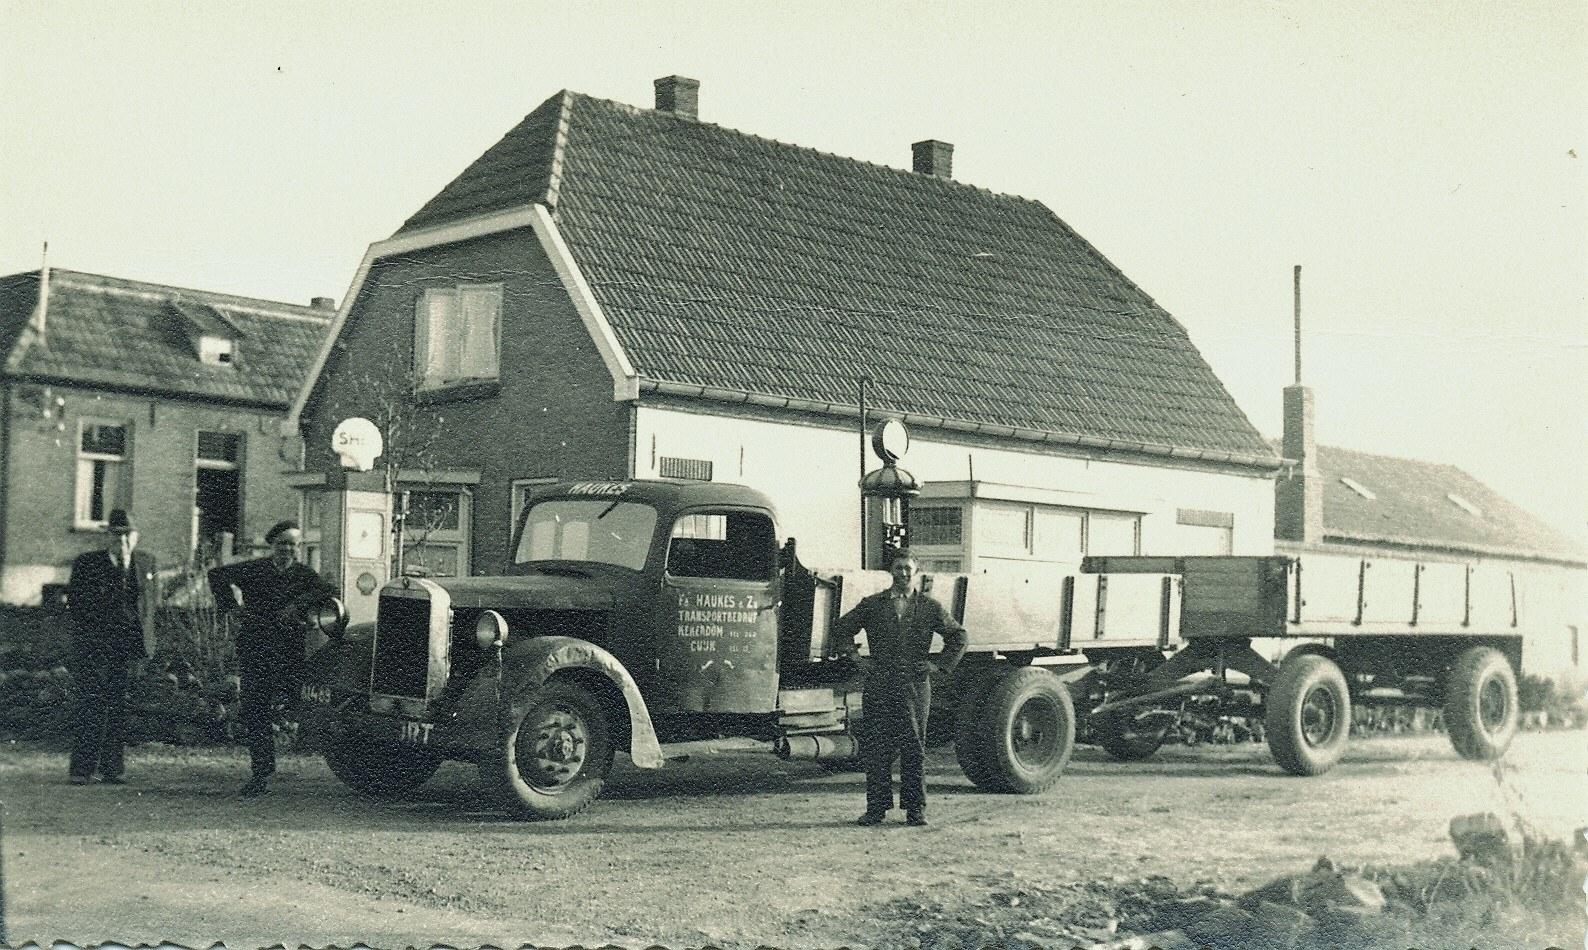 1947-heeft-Hermann-Haukes-Langen-uit-Cuijk-overgenomen-Mercedes-L3000S-4-cillinder-75-PK--bj-1938